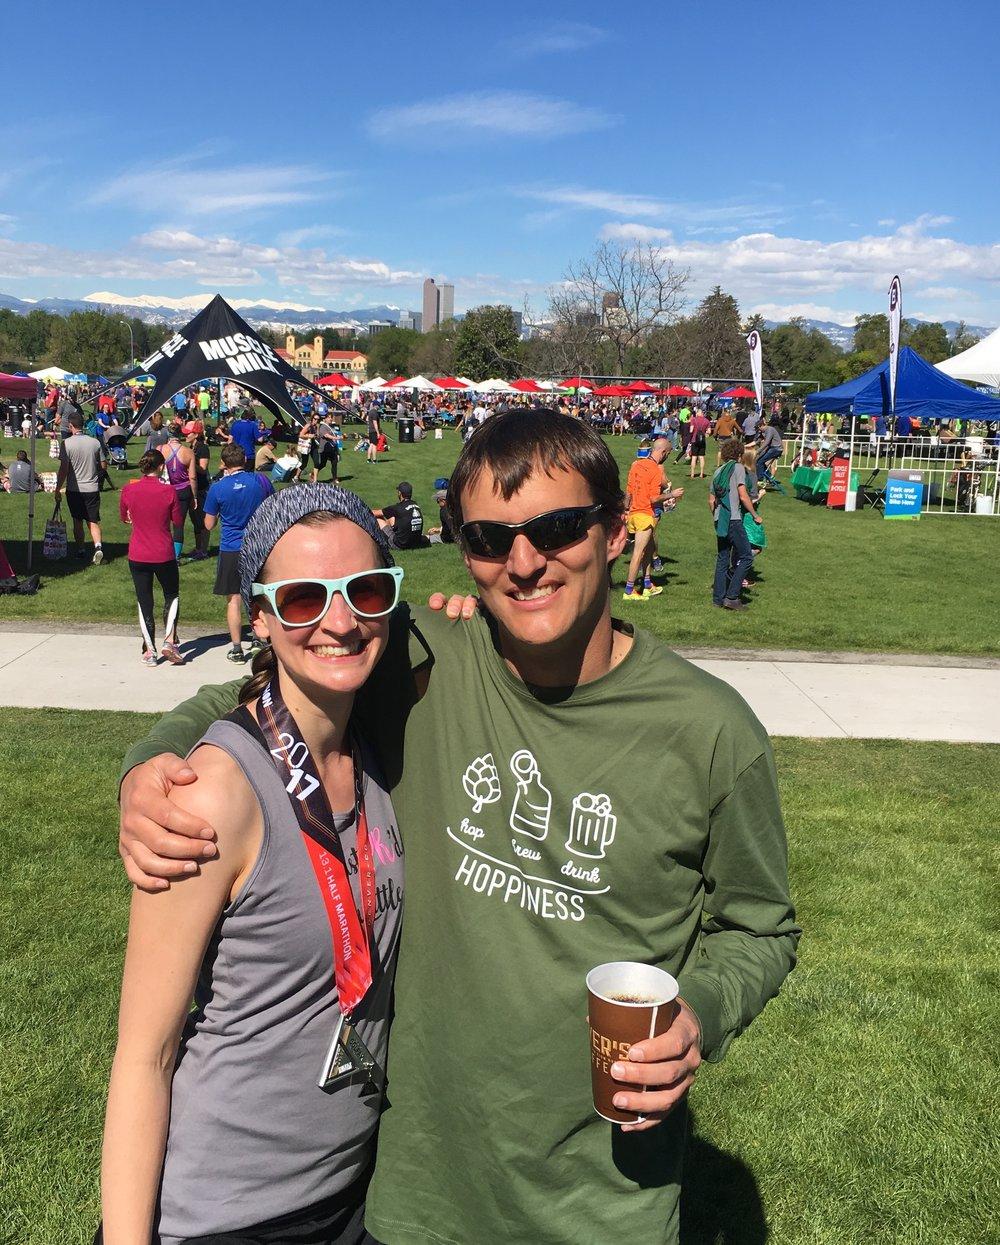 Ann & her cheerleader at the Colfax Half Marathon, May 2017